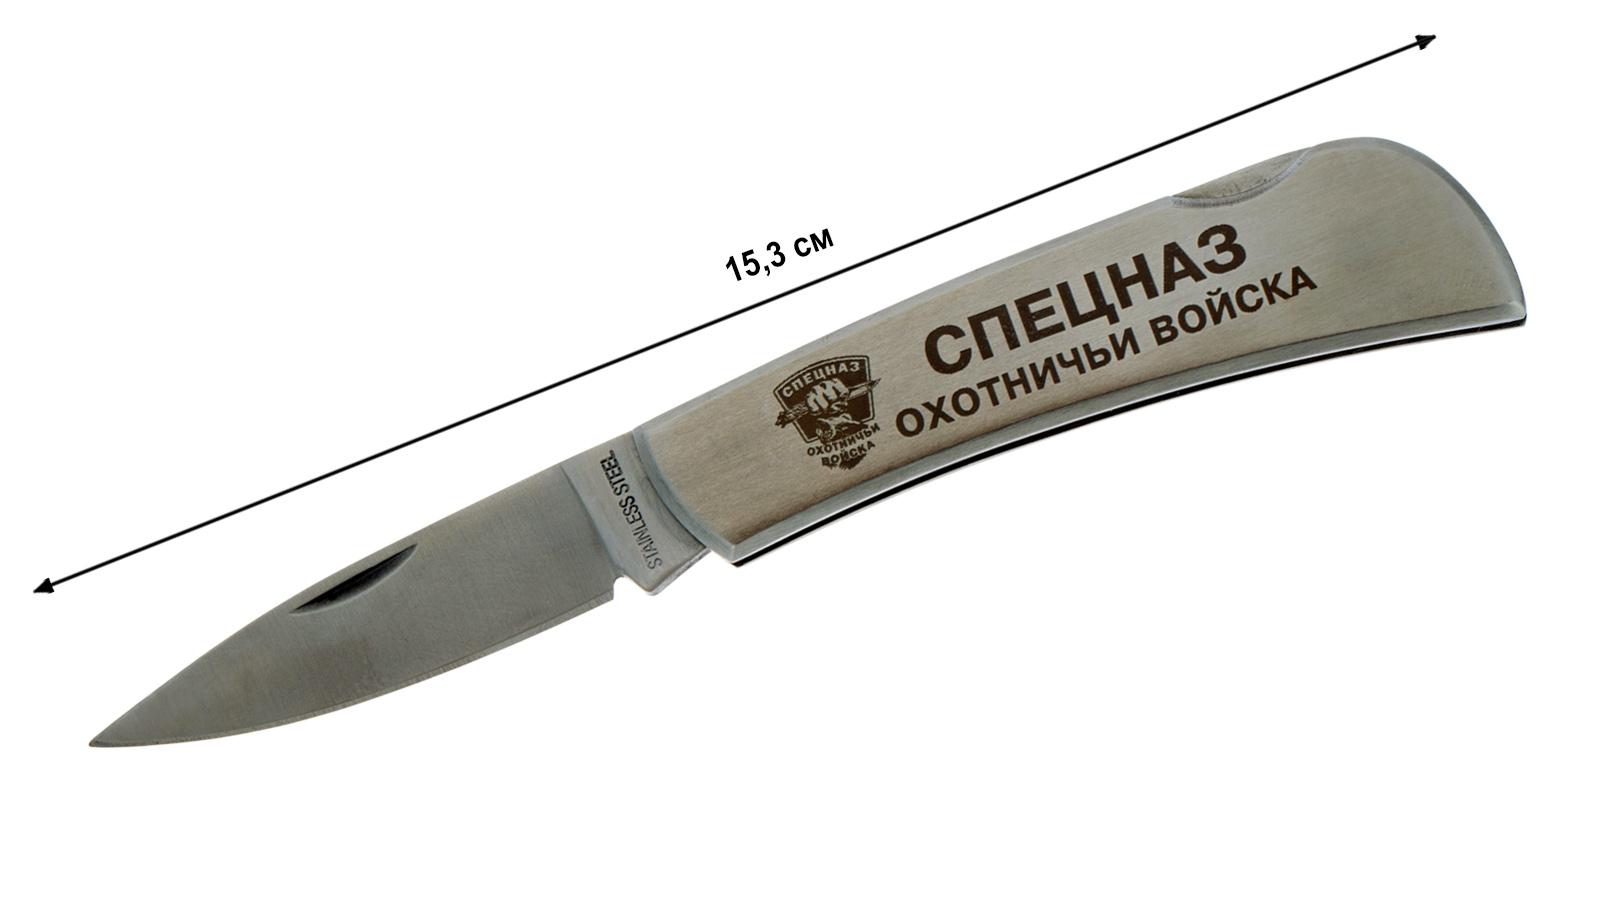 """Складной коллекционный нож """"Охотничий Спецназ"""" по выгодной цене"""